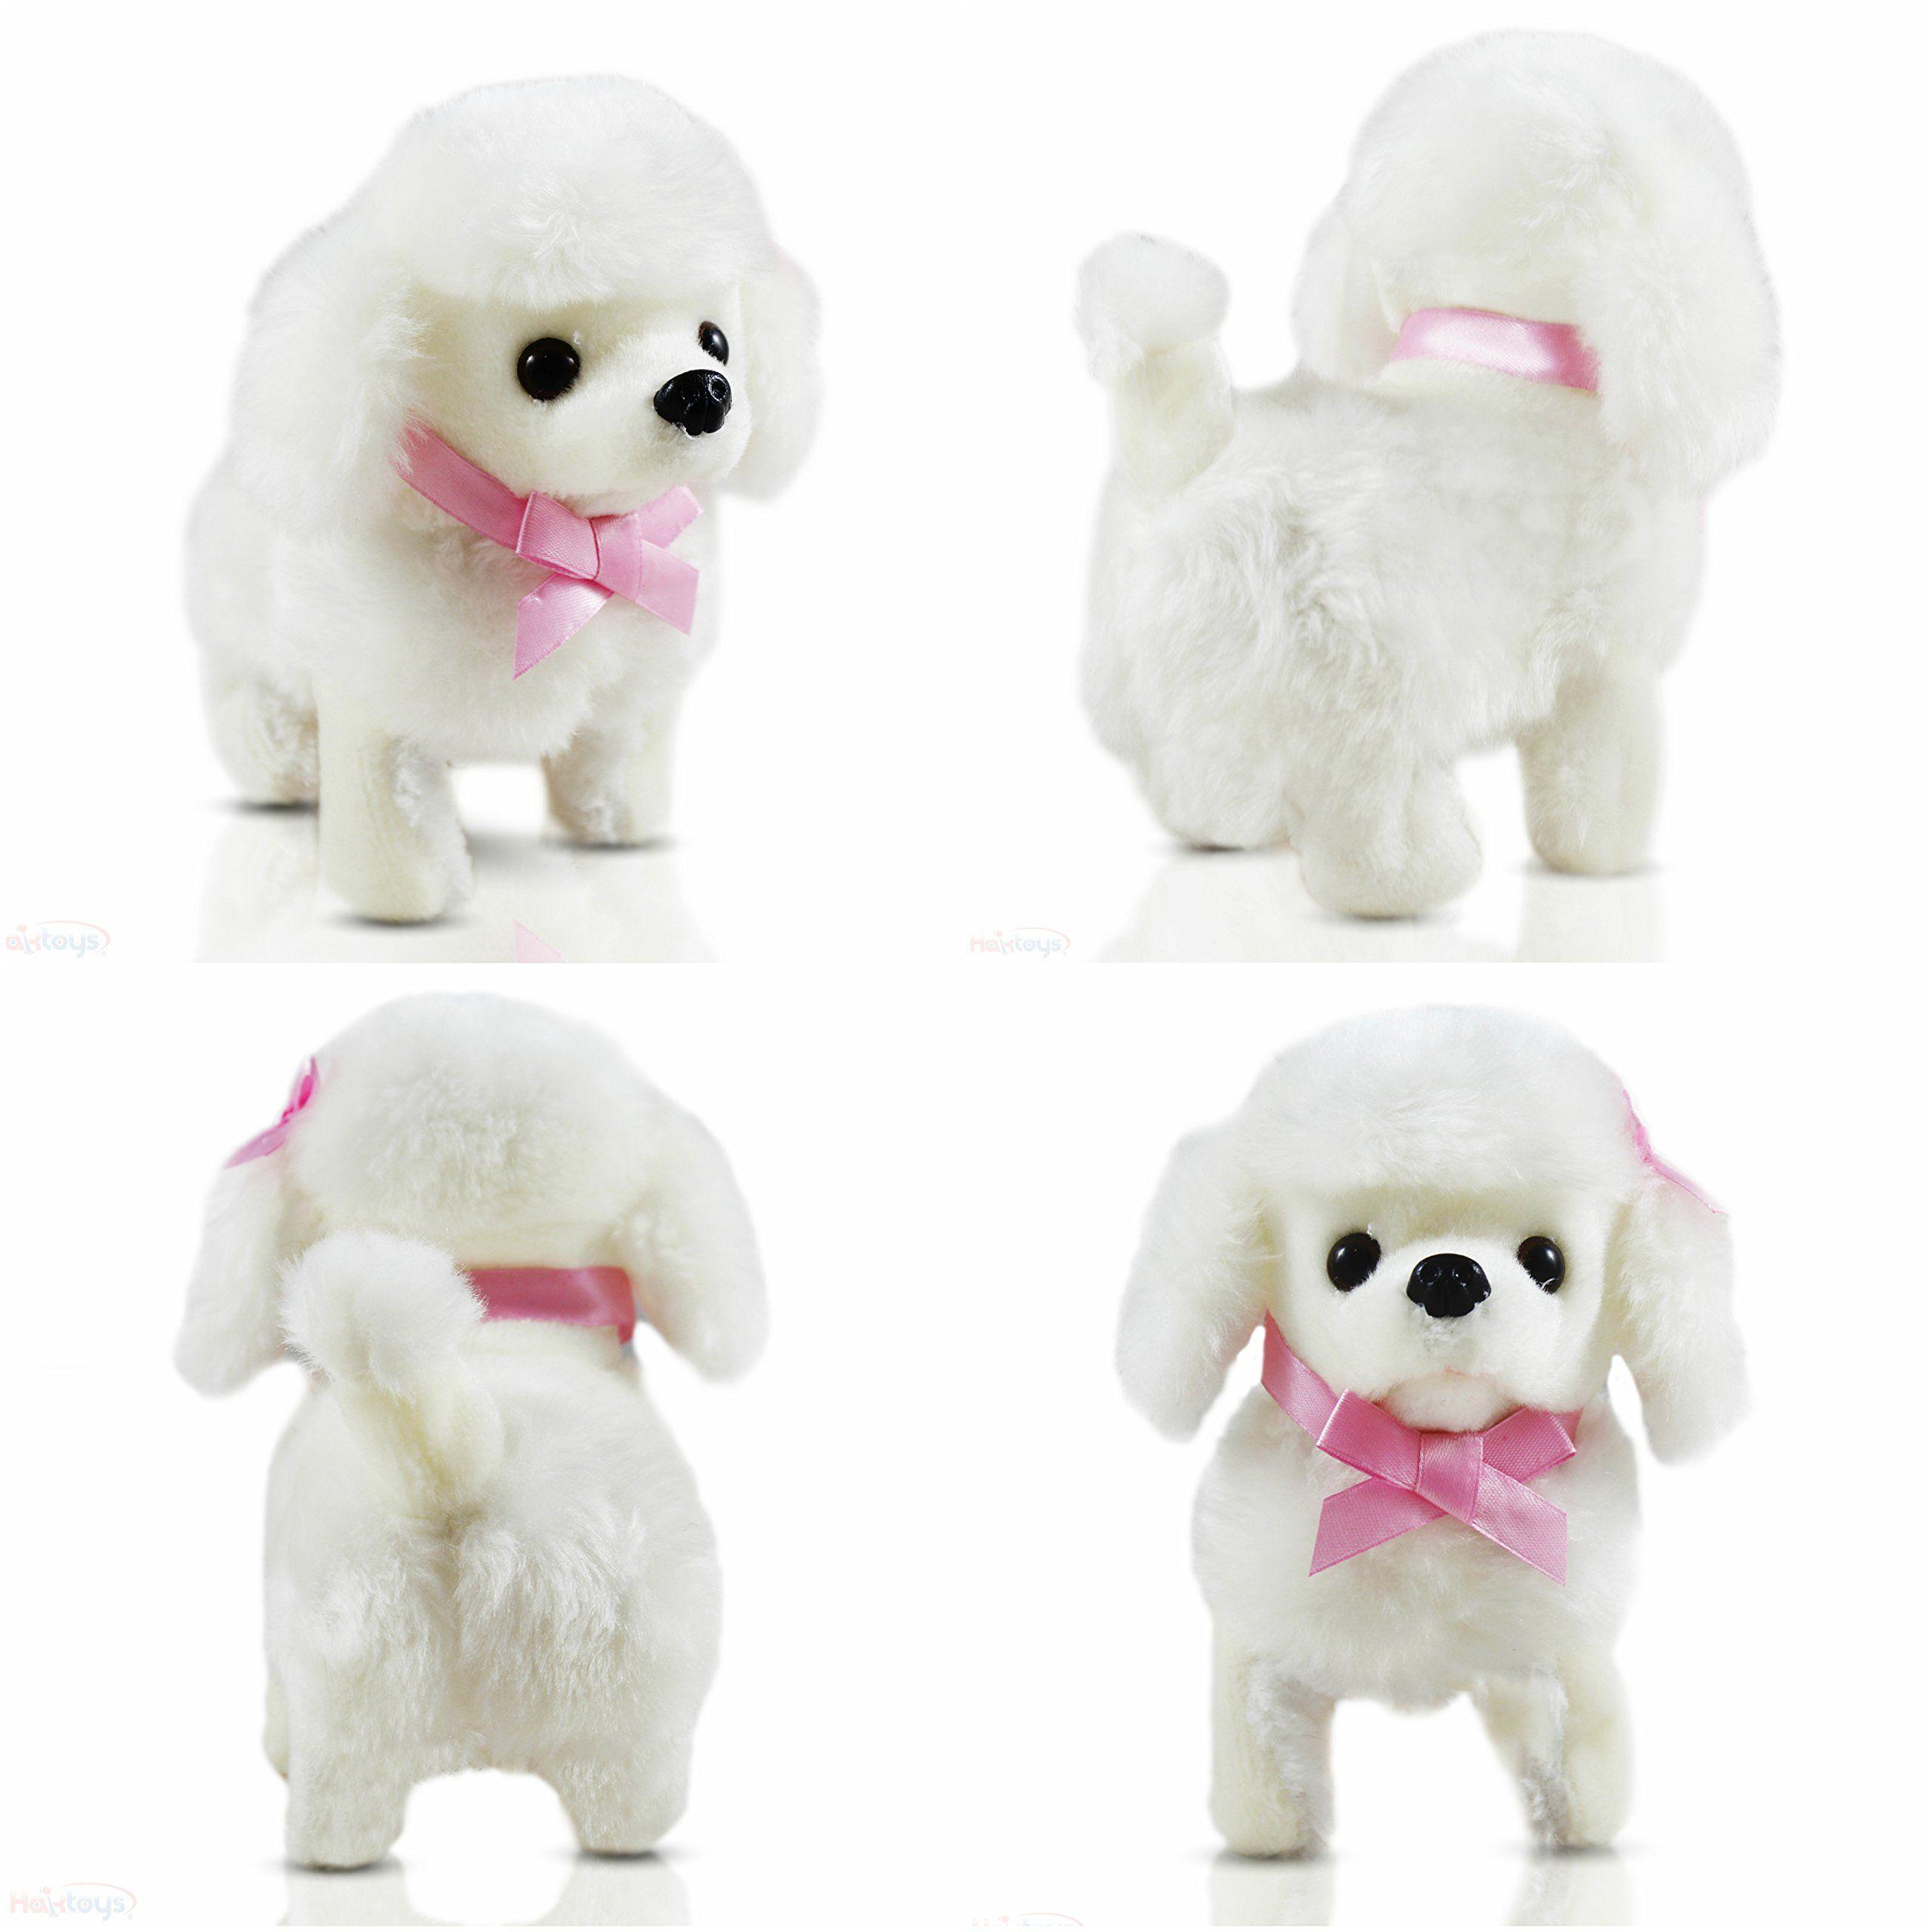 Haktoys Sweet Poodle Plush Doggy Battery Operated Walking